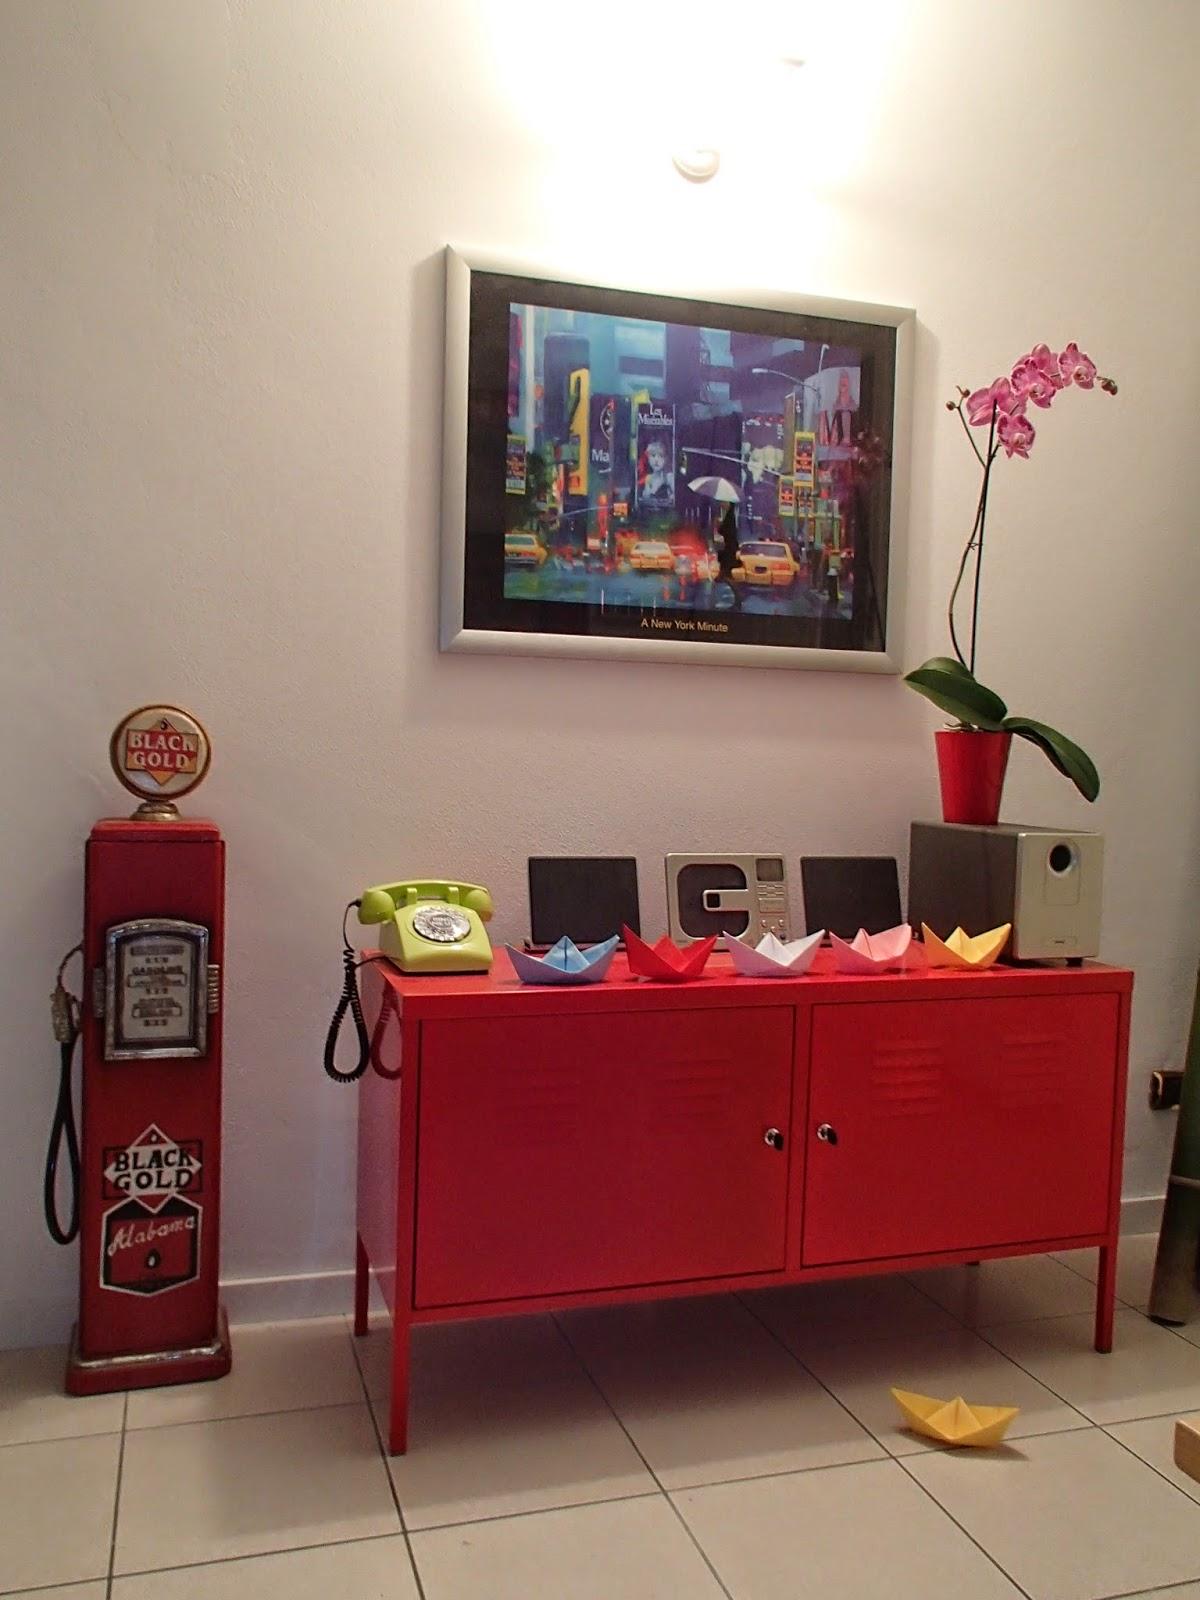 Archilaura home design scorci a colori di una casa a bergamo colored slices of a bergamo 39 s house - Sala da pranzo dwg ...